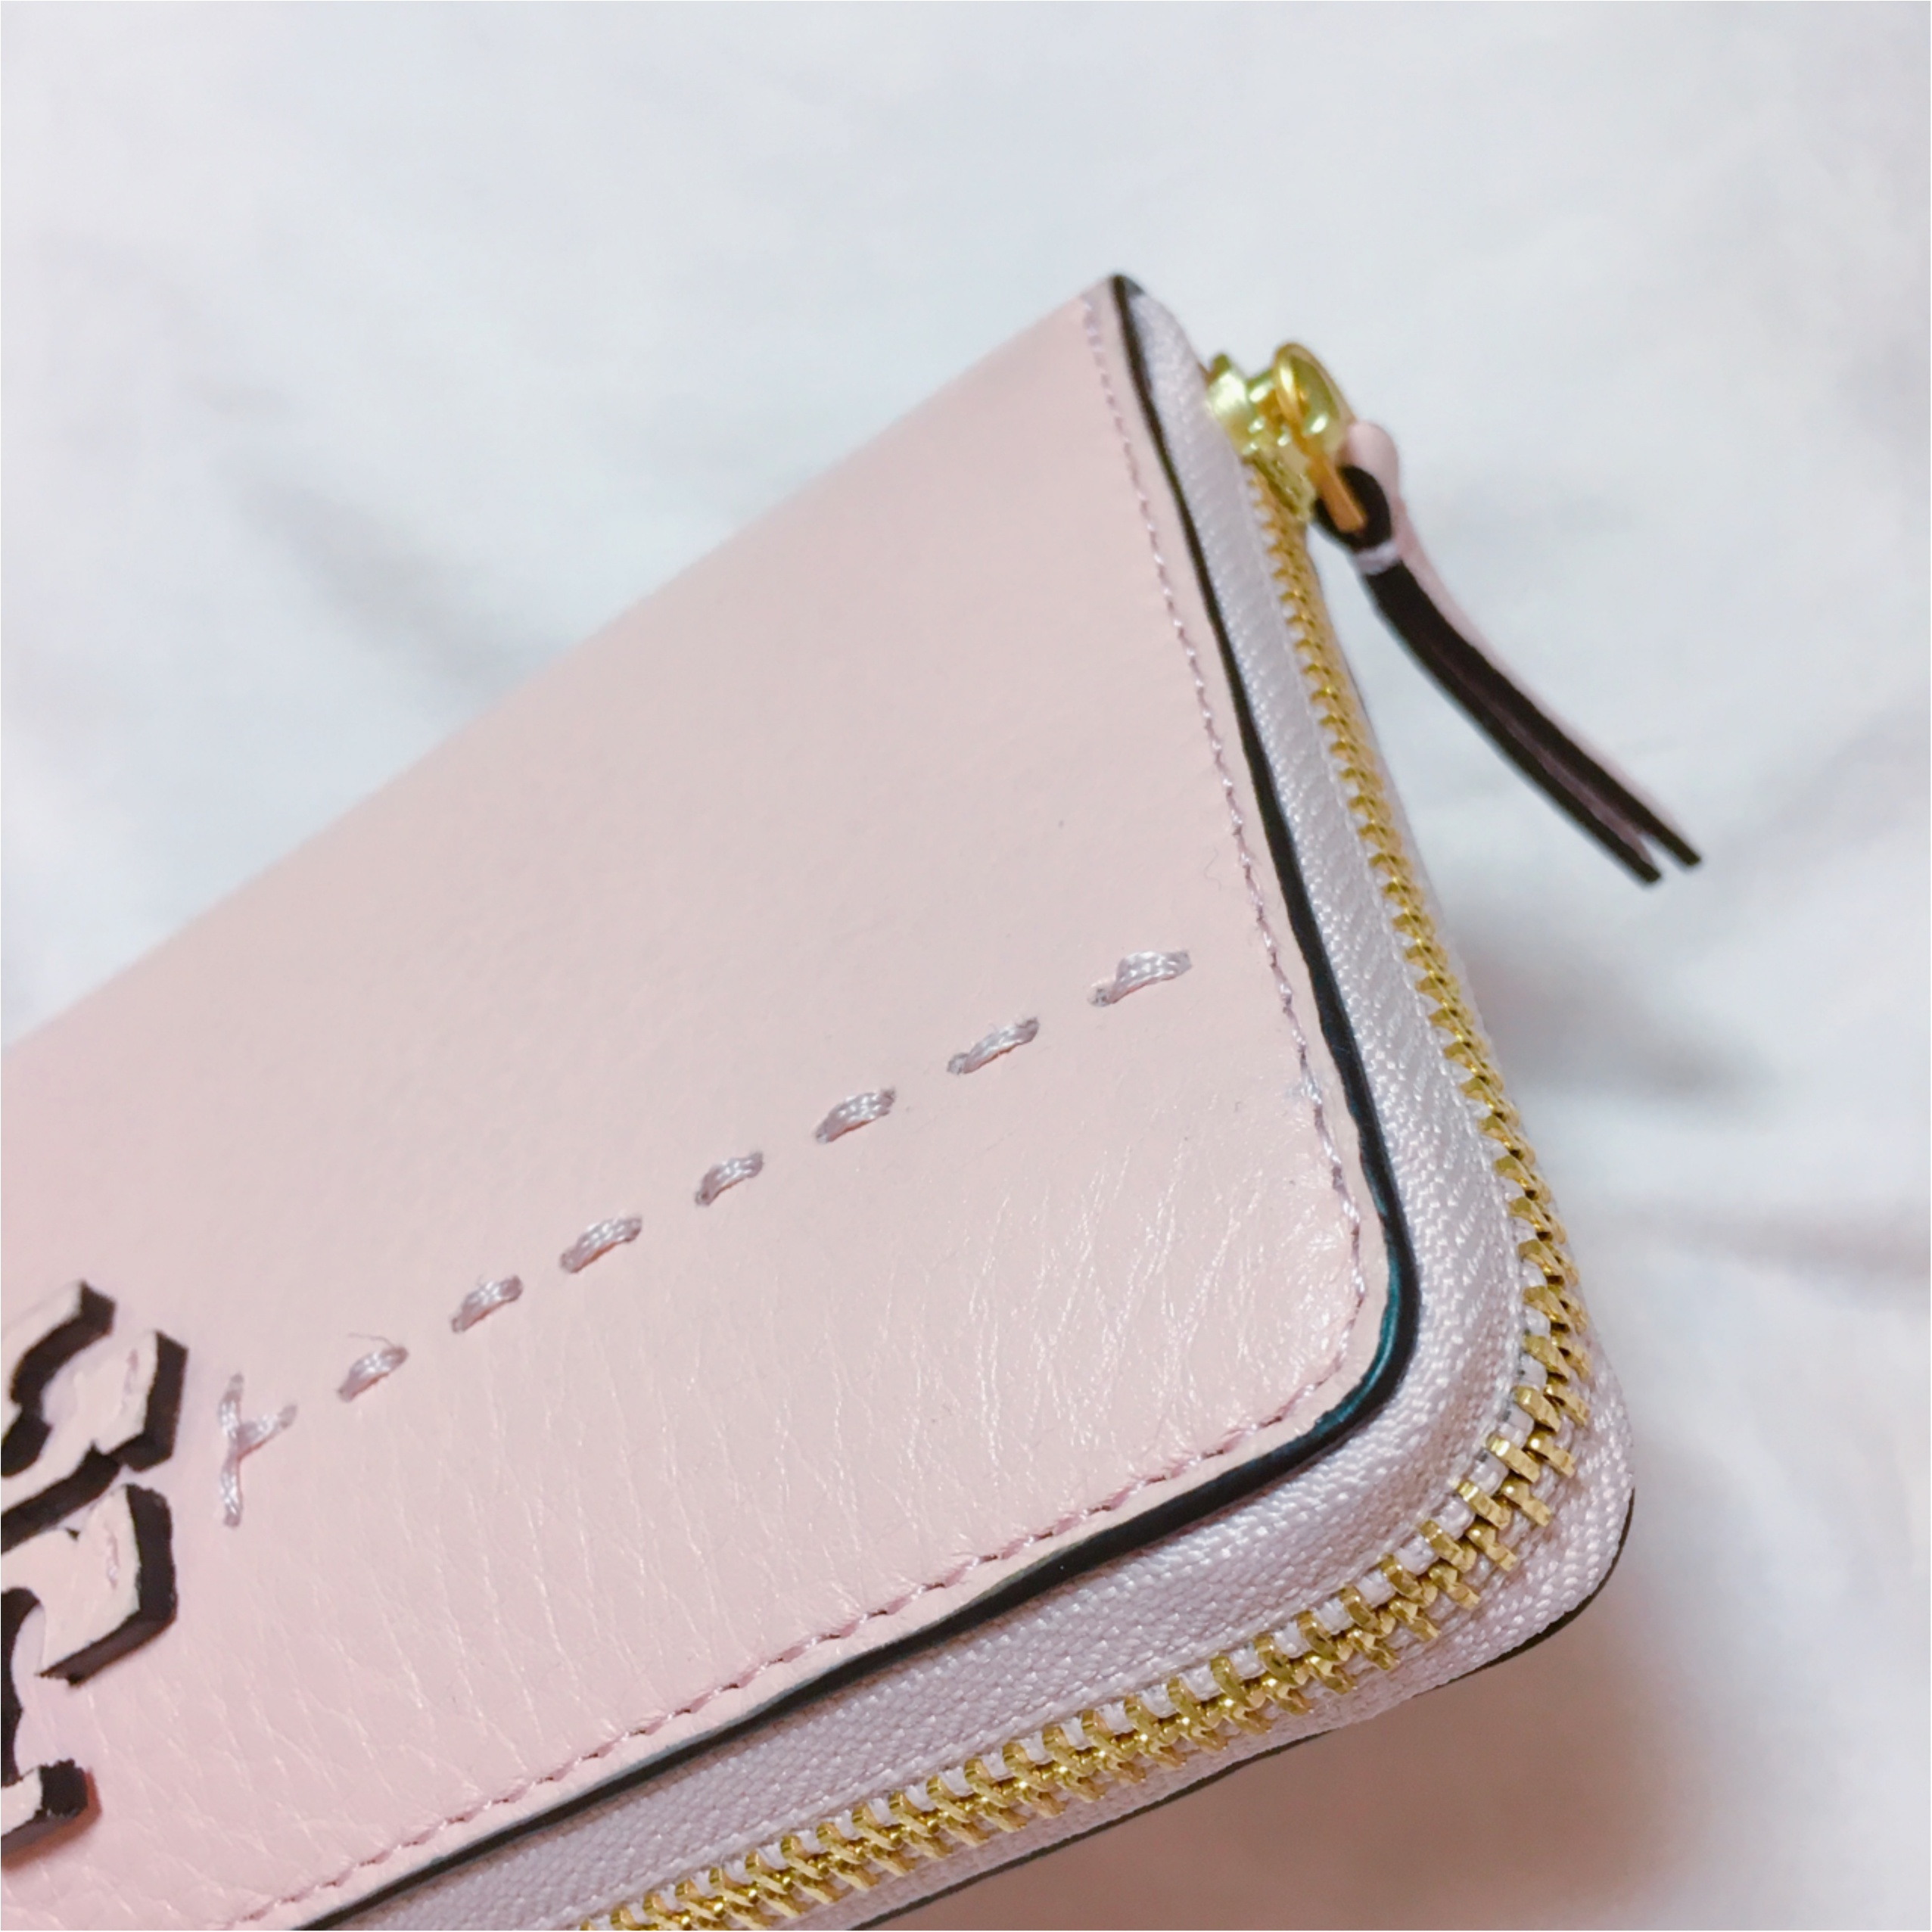 《恋愛運UPに効く最強カラー★》【TORY BURCH】でピンクの財布を新調しました❤️_3